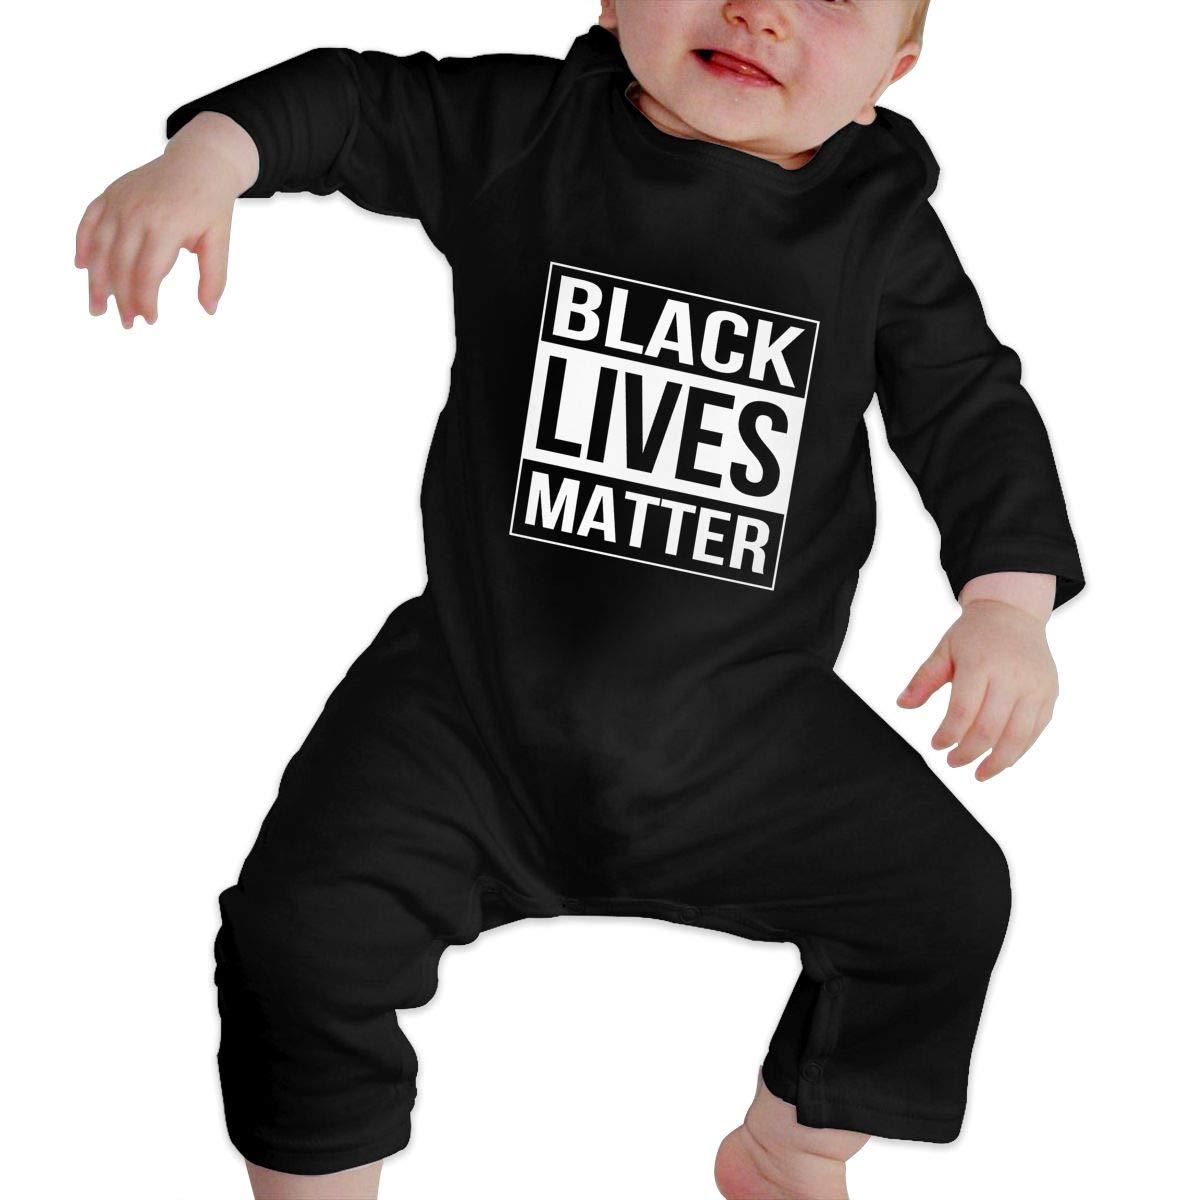 KAYERDELLE Black Lives Matter Long Sleeve Unisex Baby Romper for 6-24 Months Boys /& Girls